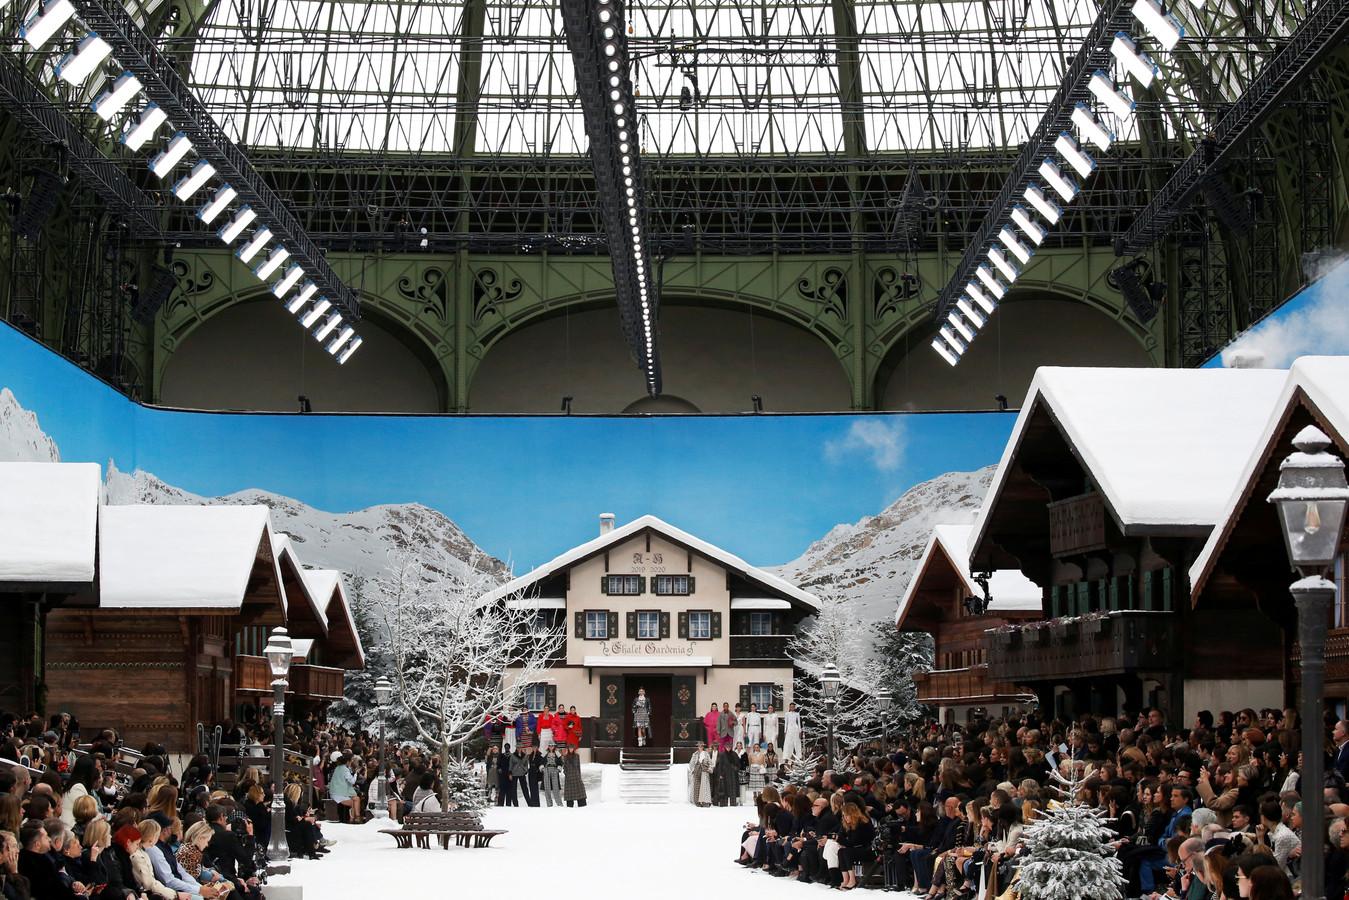 Grote modemerken haalden afgelopen jaren alles uit de kast om hun shows op de kaart te zetten. Zoals deze show van Chanel, vorig jaar maart tijdens de Parijse modeweek. Op een locatie in de Franse hoofdstad werd een wintersportdorp nagebootst.